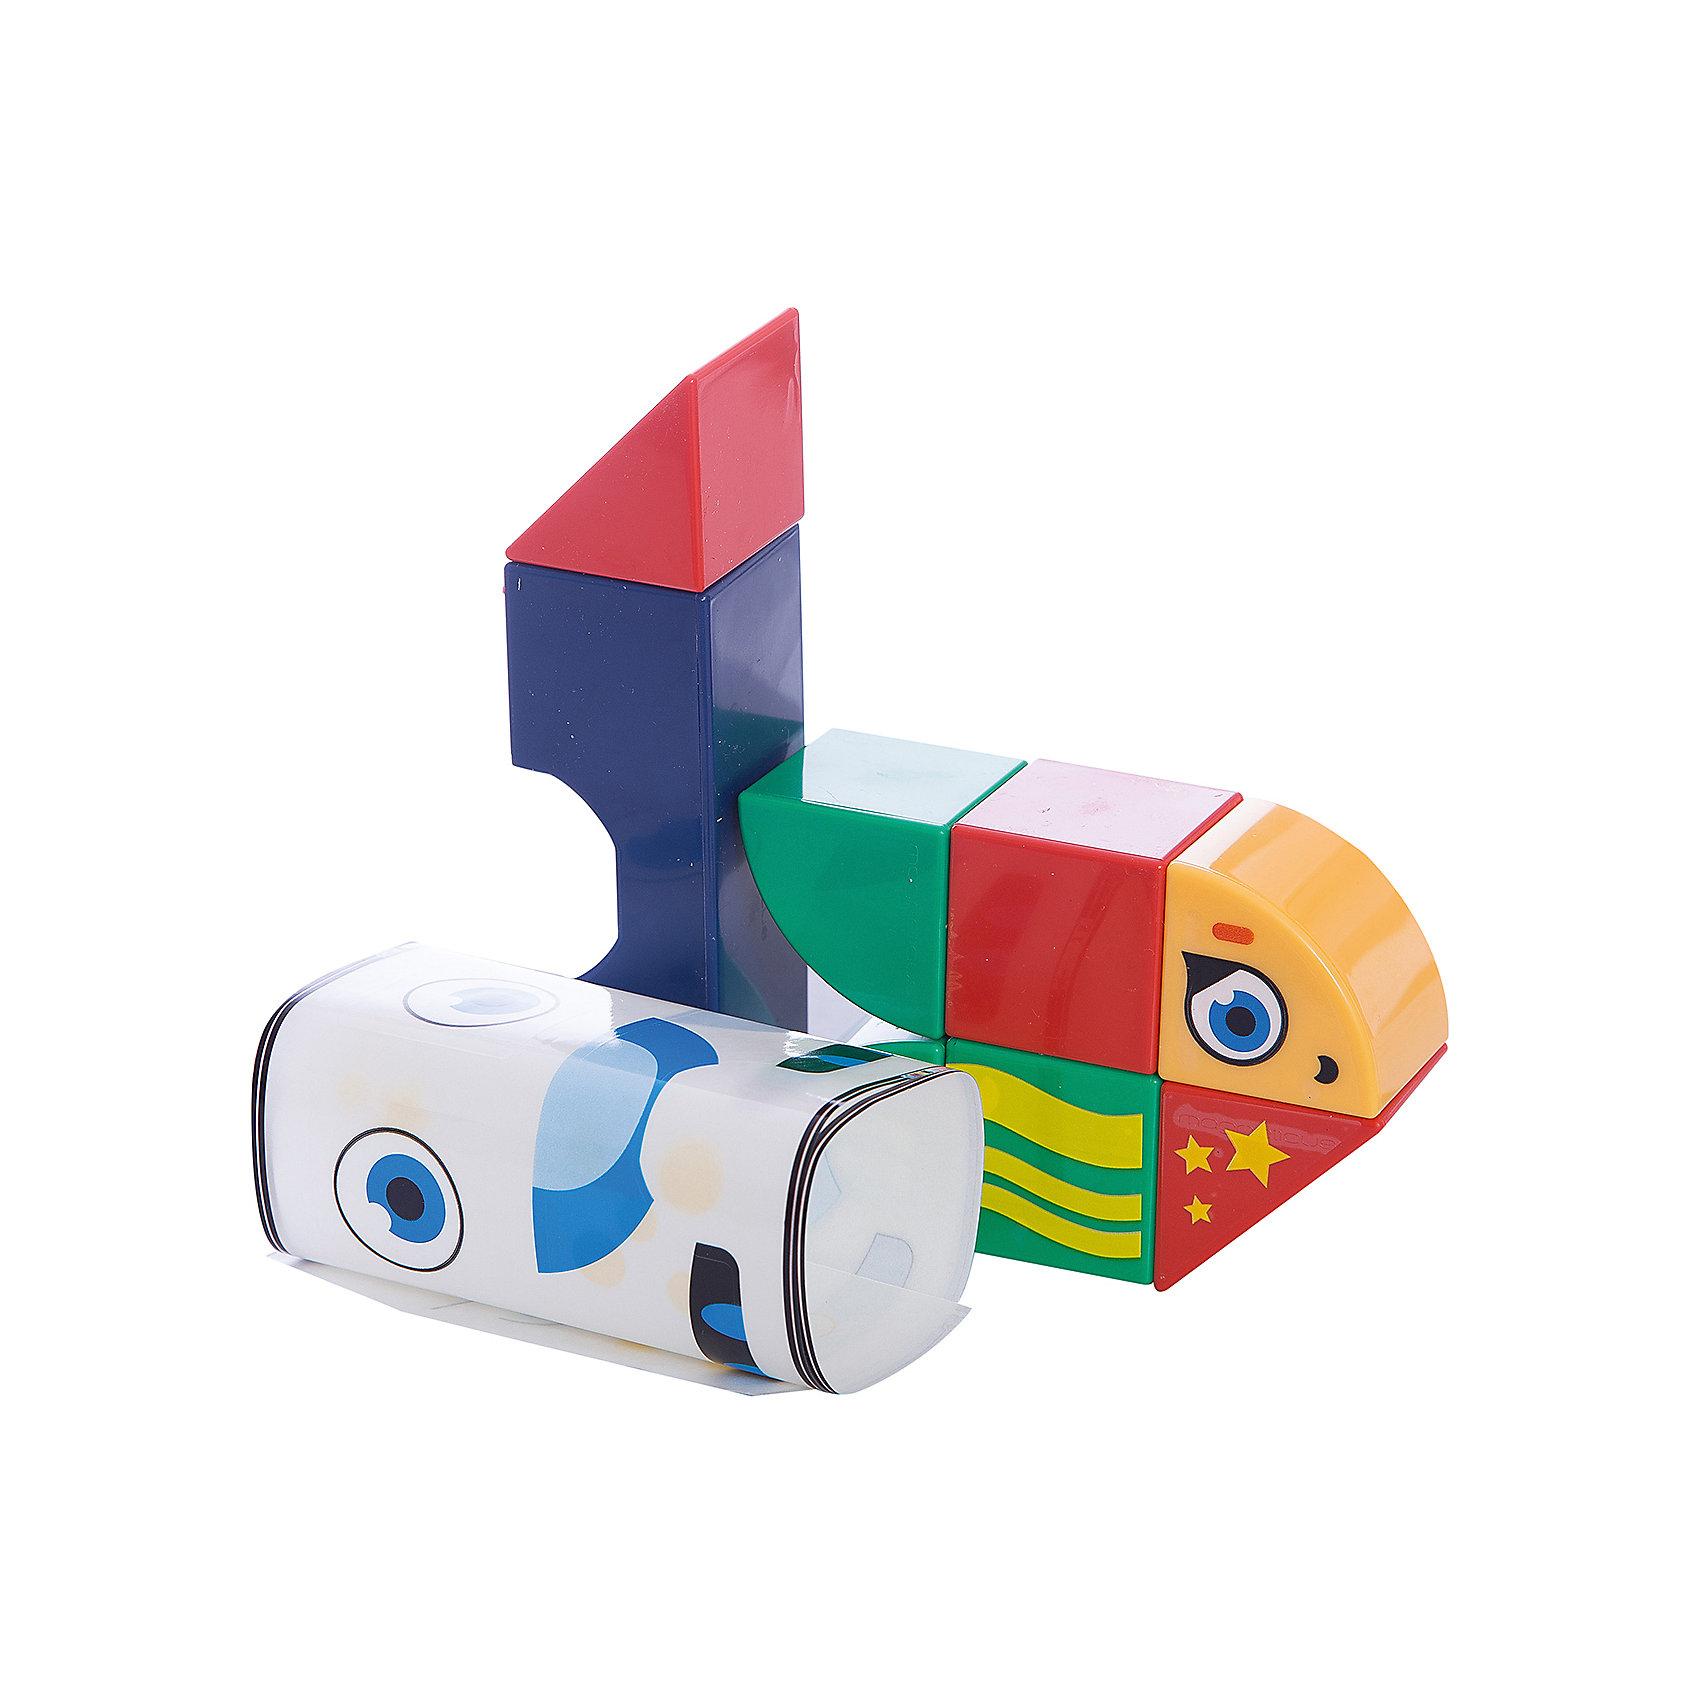 Магнитные кубики ДжунглиРазвивающие игрушки<br>Характеристики:<br><br>• количество кубиков в наборе Magneticus: 8 шт.;<br>• магниты встроены в грани кубиков;<br>• материал: металл, полимерное покрытие;<br>• размер упаковки: 23х24х5 см;<br>• вес: 360 г.<br><br>Магнитные кубики помогают развить моторику рук, цветовосприятие и фантазию. Кубики представлены в 4-х цветах. Из 8 кубиков можно построить объемные фигурки животных, а также домики, башни и крепости. В грани кубиков встроены магниты, поэтому собранные фигуры не рассыпаются во время игры. <br><br>Магнитные кубики Джунгли можно купить в нашем магазине.<br><br>Ширина мм: 235<br>Глубина мм: 50<br>Высота мм: 240<br>Вес г: 350<br>Возраст от месяцев: 36<br>Возраст до месяцев: 84<br>Пол: Унисекс<br>Возраст: Детский<br>SKU: 5238557